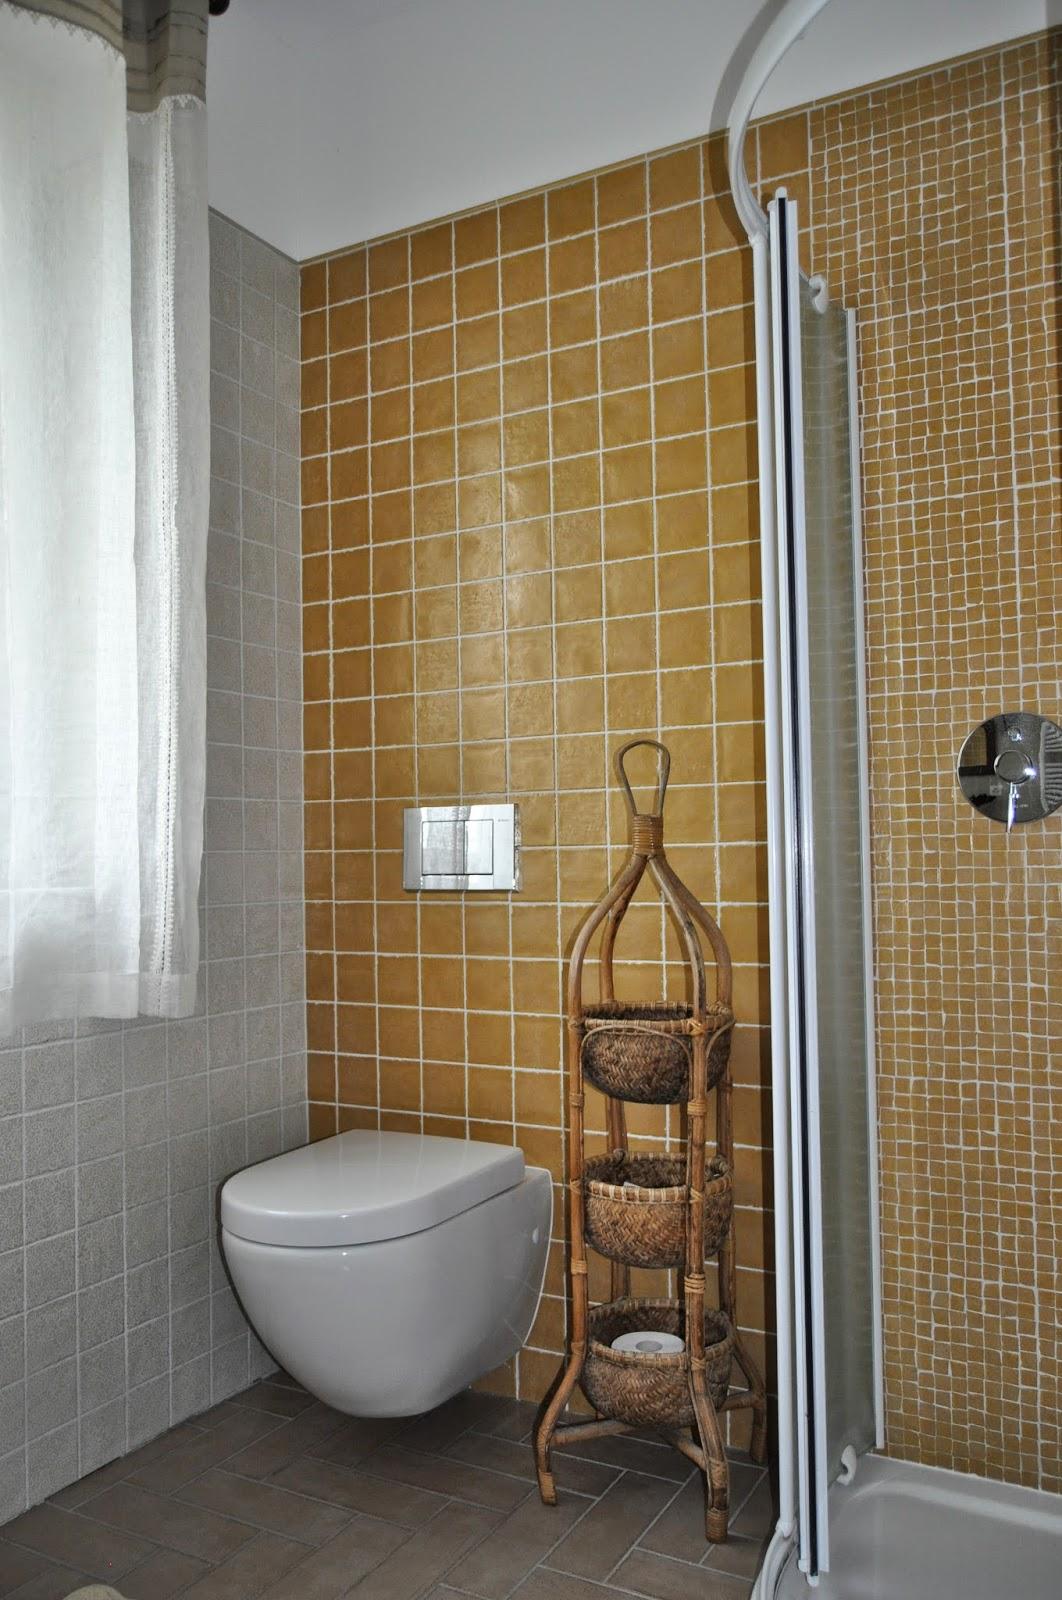 piastrelle bagno stile provenzale: piastrelle bagno stile ... - Piastrelle Bagno Provenzale